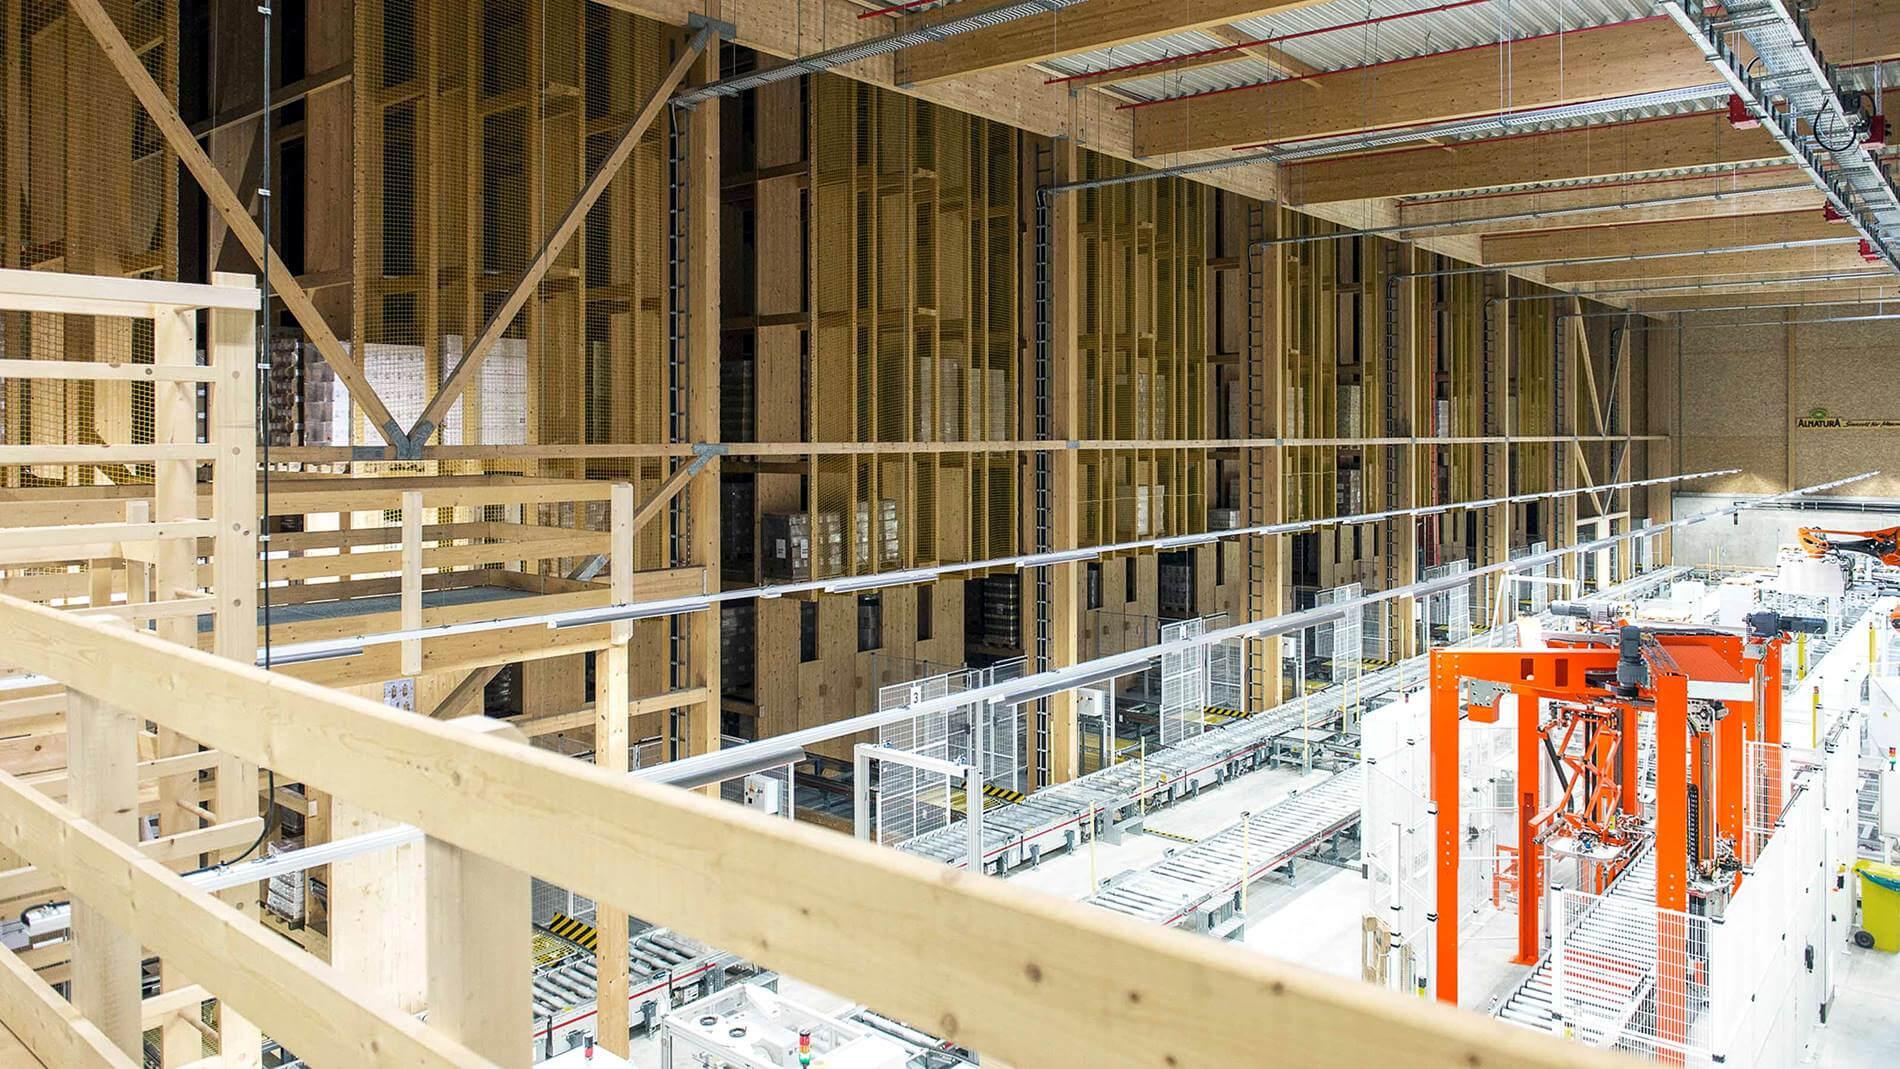 Nowoczesny system do automatyzacji magazynu w obiekcie z… drewna. Dlaczego niemiecka firma wybrała taki budulec?